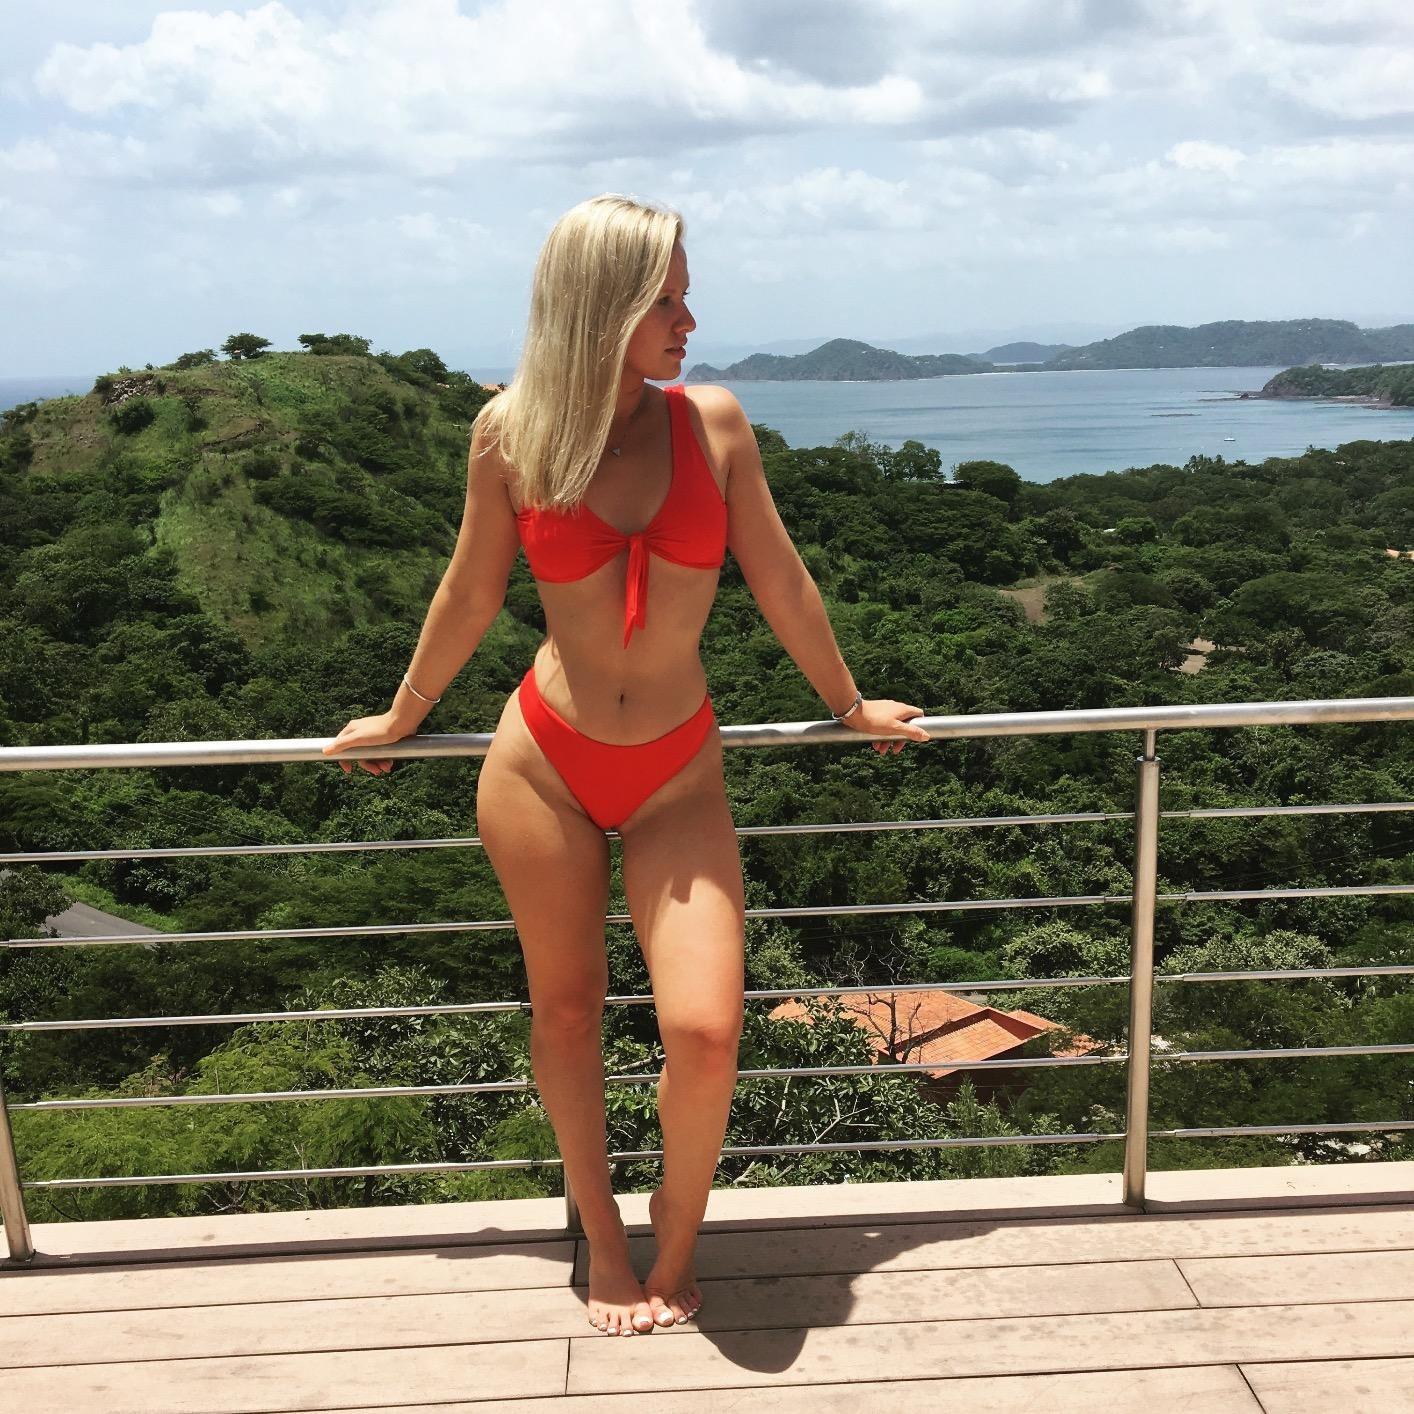 Bộ bikini chỉ 300k mà béo gầy mặc đều đẹp này đang gây sốt trên Amazon, chị em thi nhau khoe ảnh người thật việc thật vì quá hài lòng - Ảnh 7.